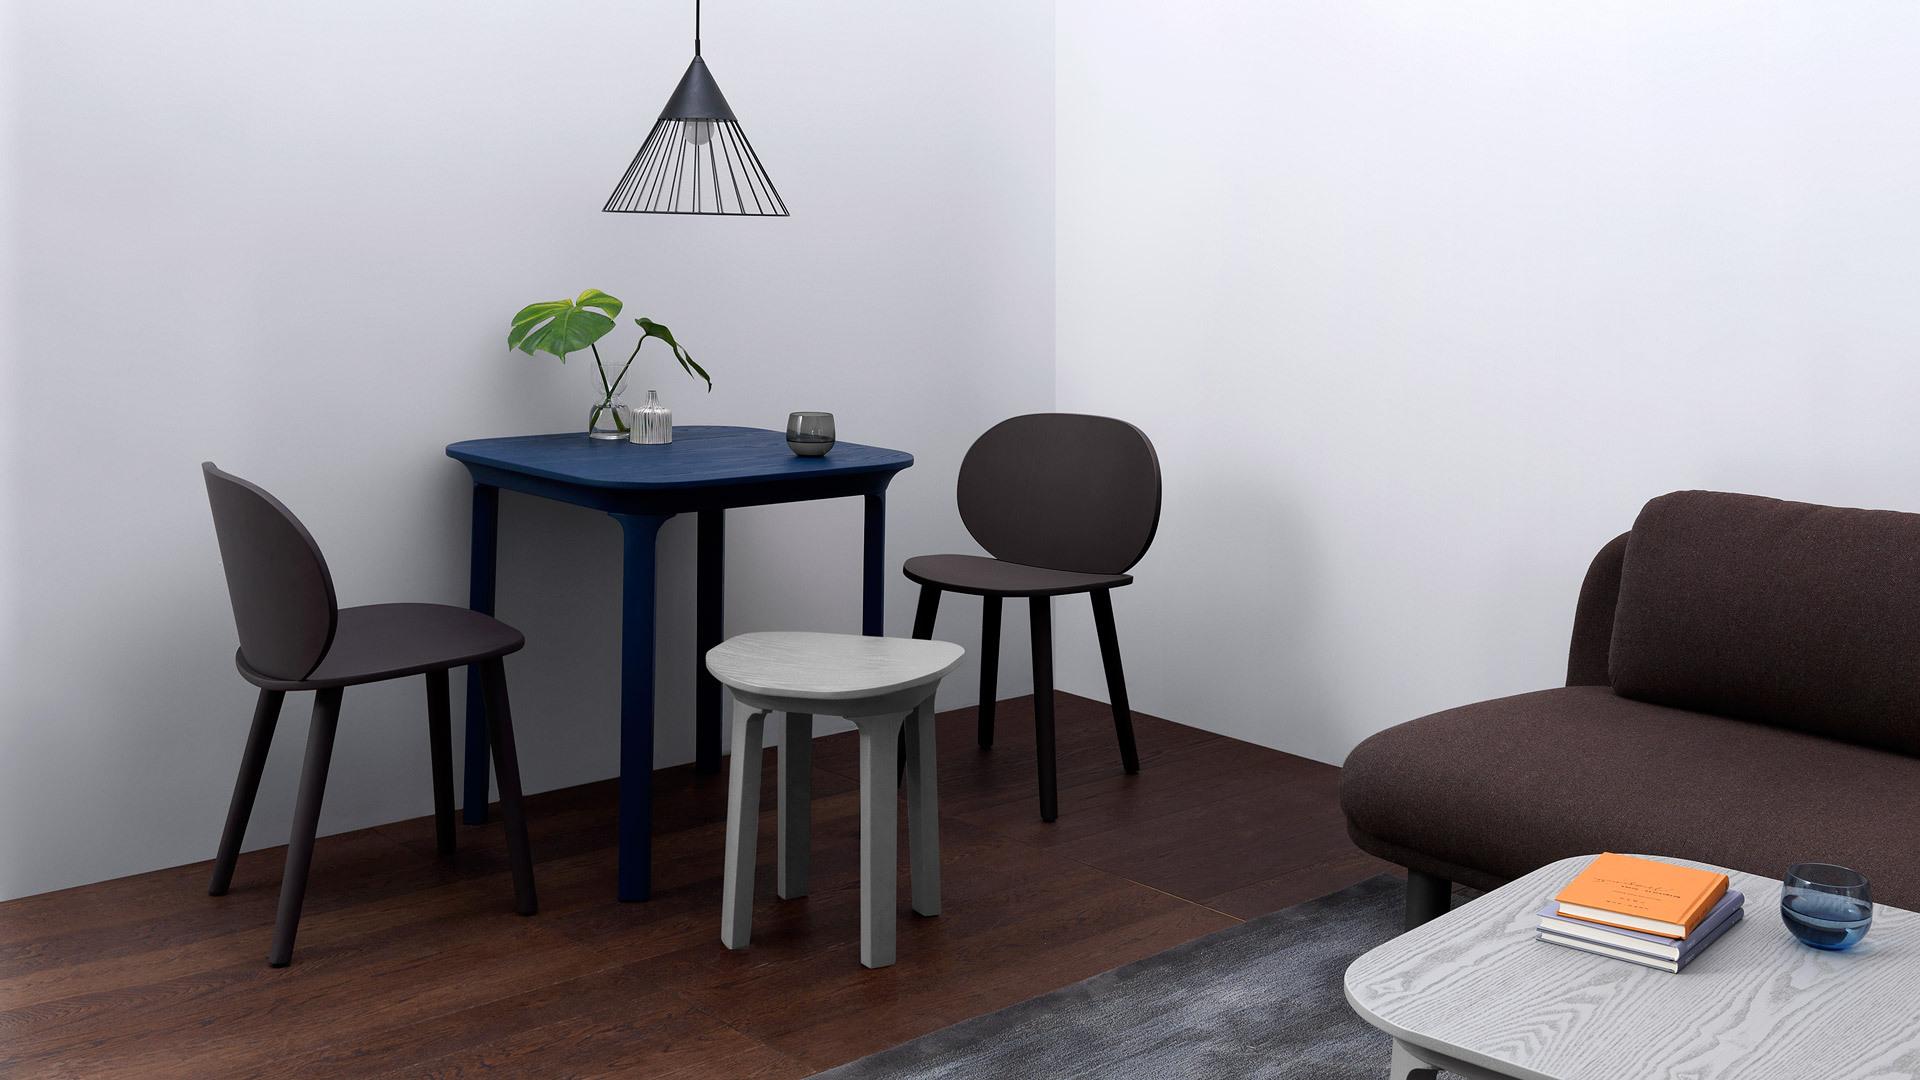 圆润有趣的桌椅巧妙相衬,错落线条跳出层次视感,活泼营造一角别致餐区。